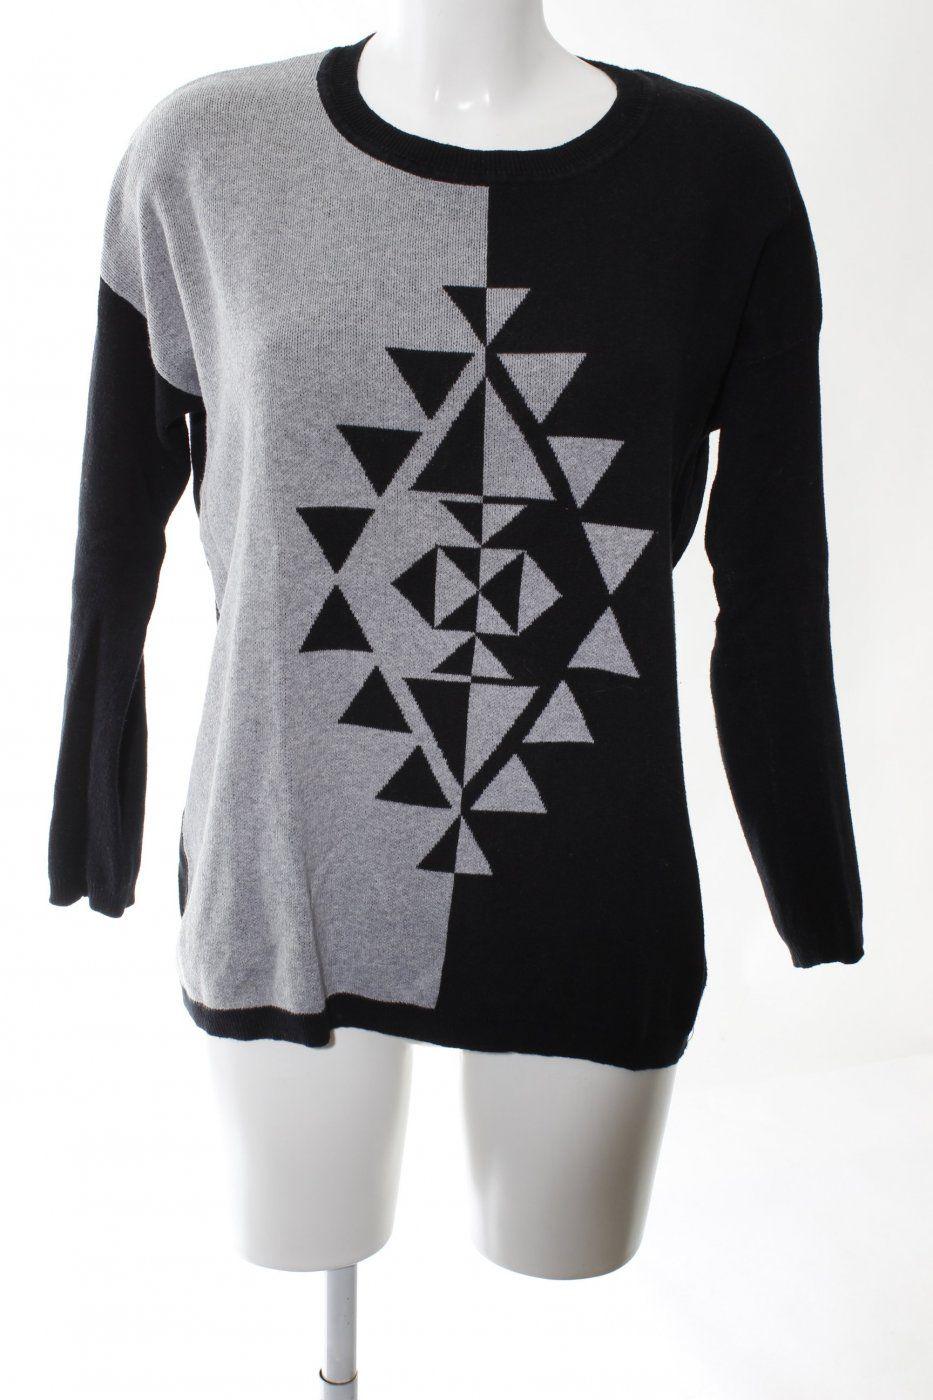 Forever 21 Strickpullover schwarz-hellgrau grafisches Muster Casual-Look | Mädchenflohmarkt